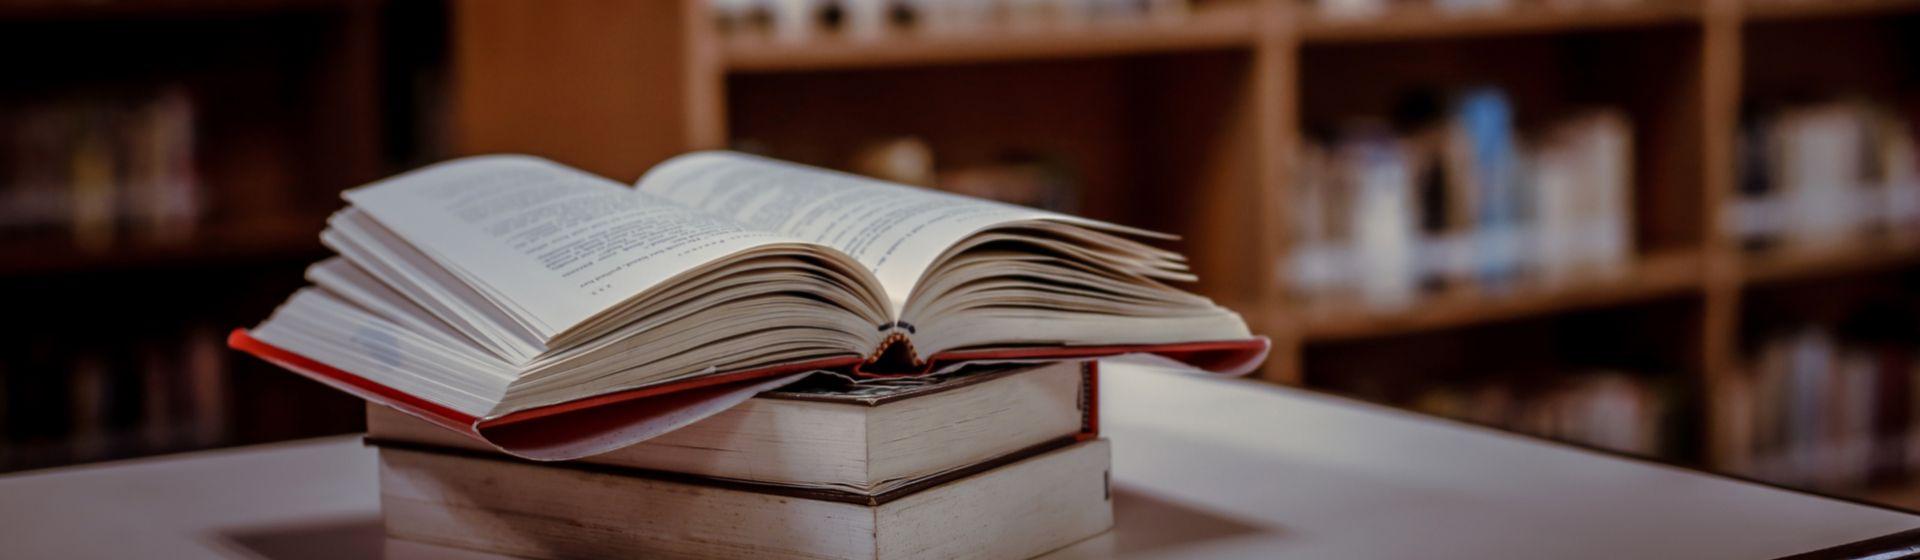 Livros de Leandro Karnal: conheça o autor em 8 títulos